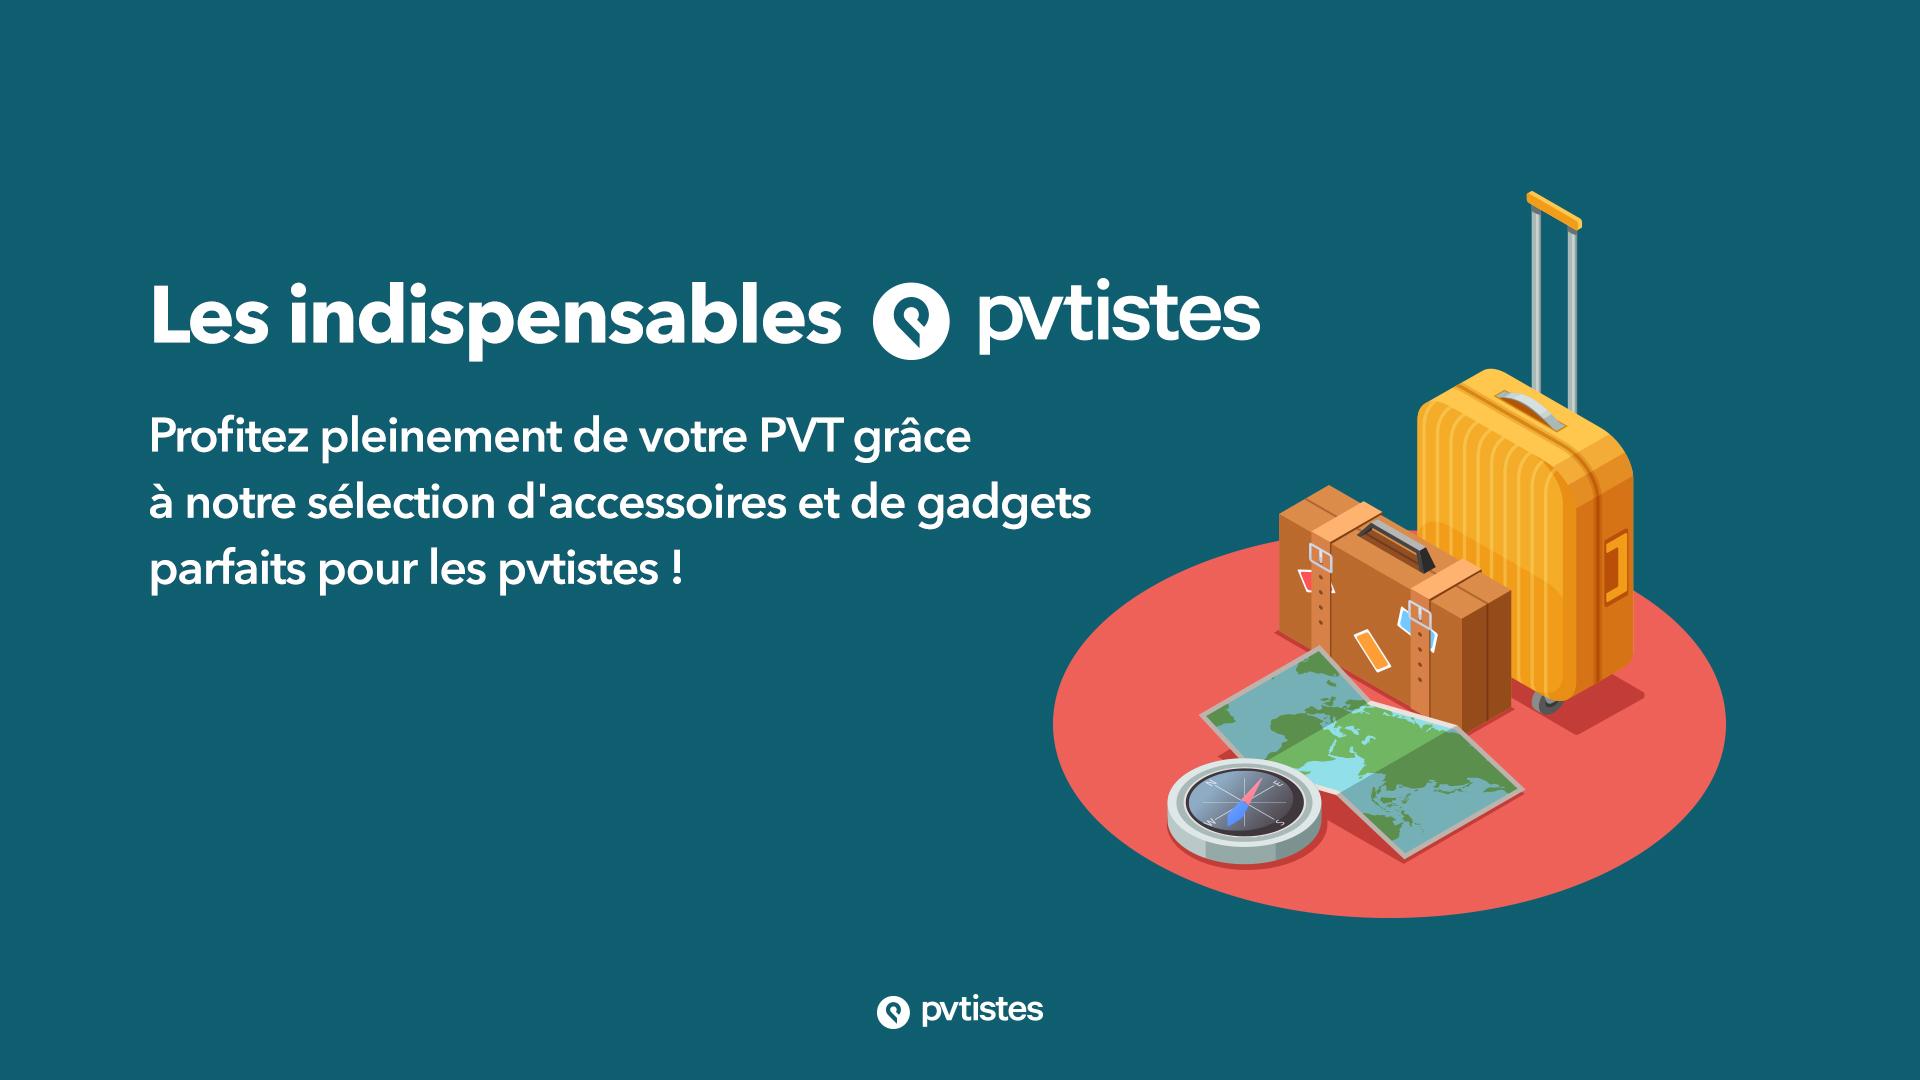 rs-pvtistes-gadgets-pvtistes